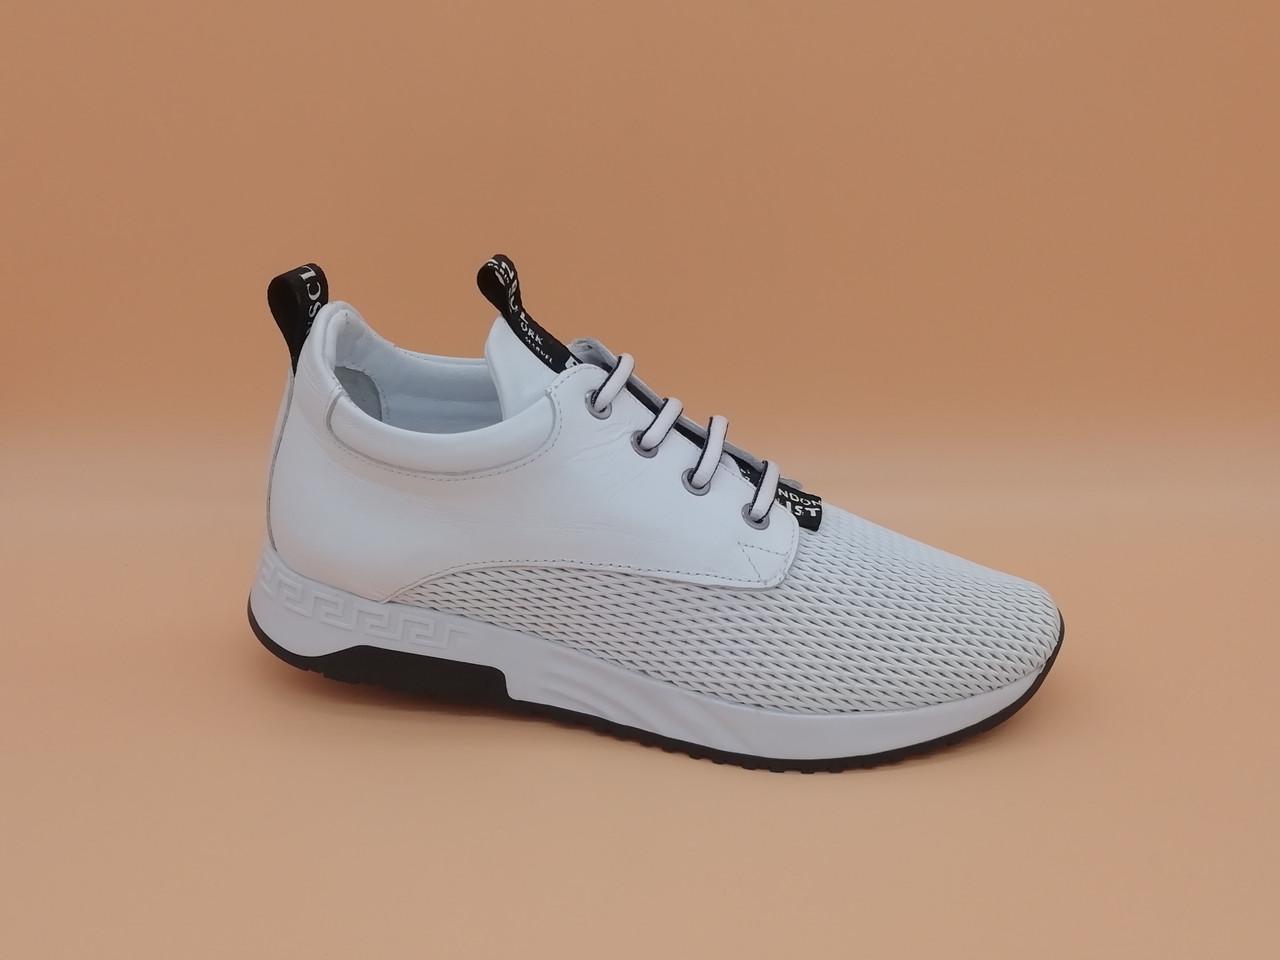 Белые кожаные кроссовки с перфорацией. Турция. Большие размеры ( 40 - 42 ).